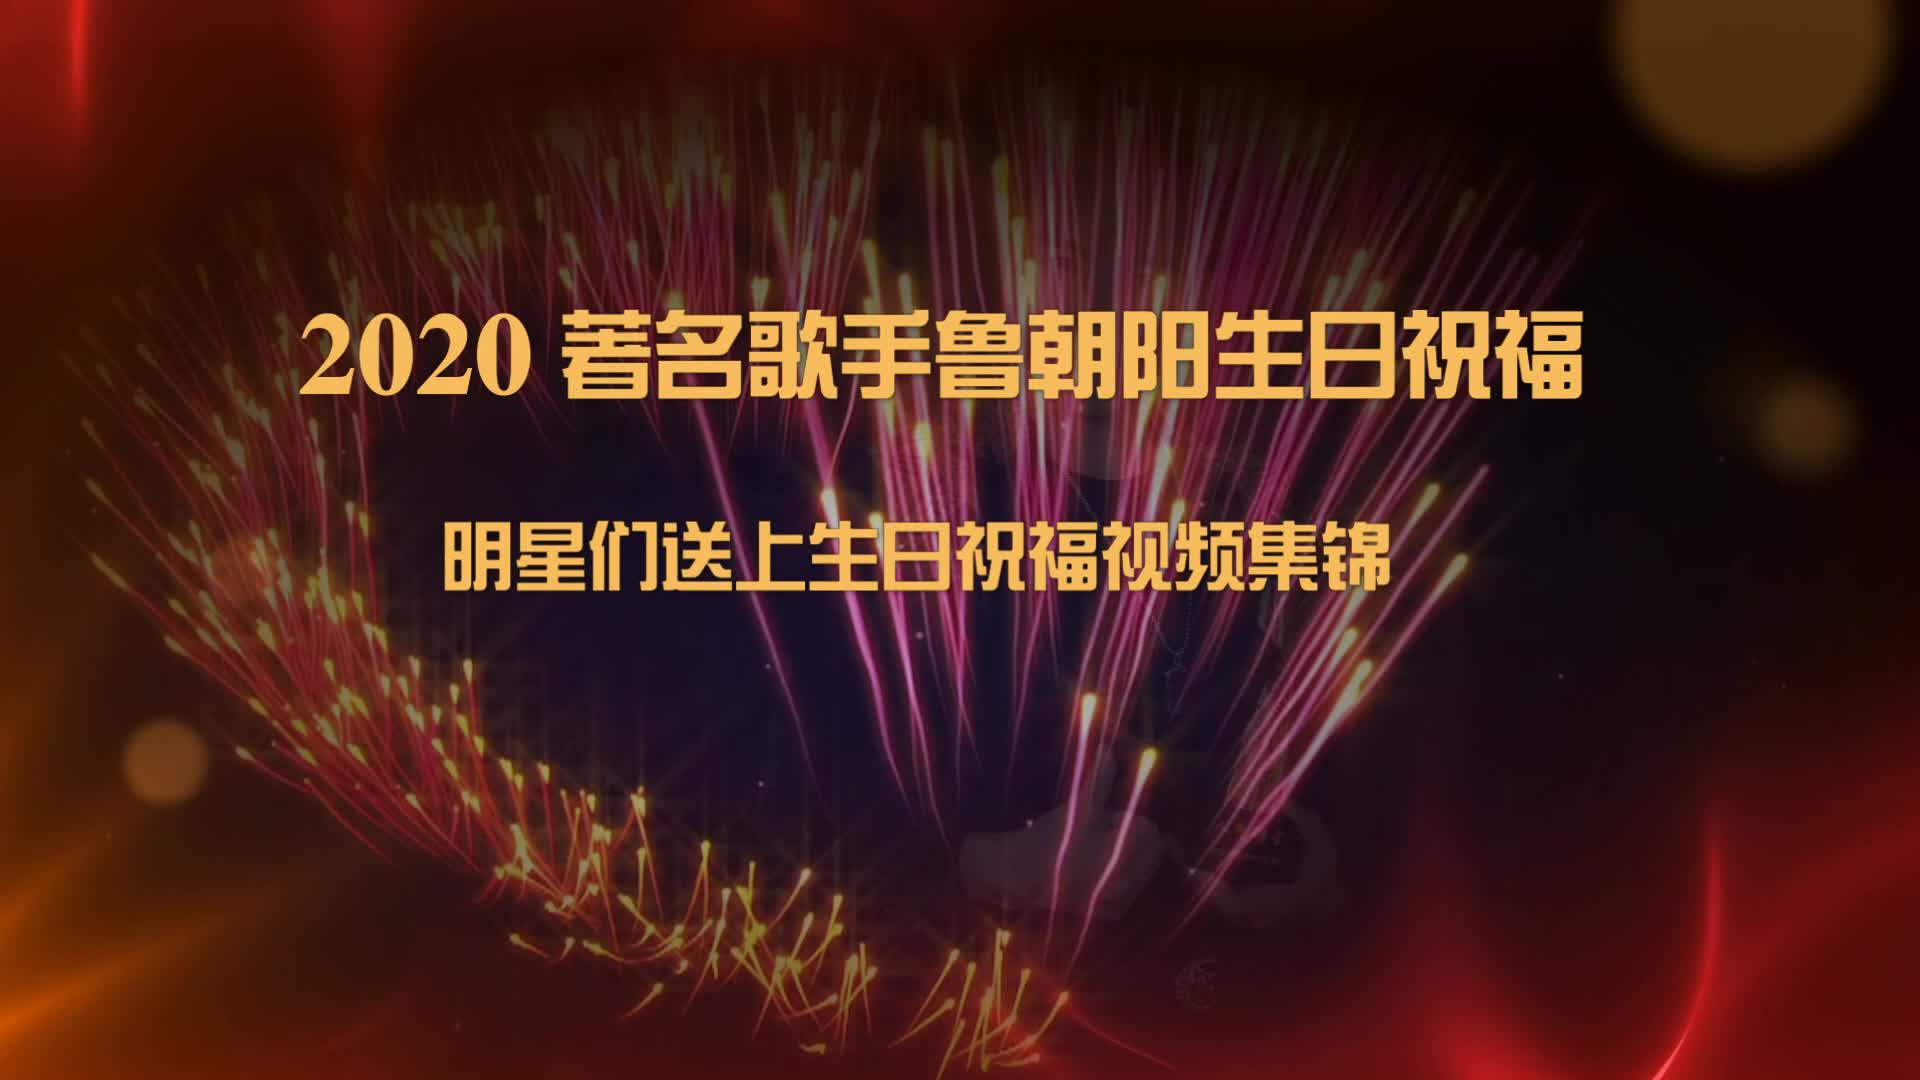 众星共同祝贺歌星鲁朝阳生日快乐